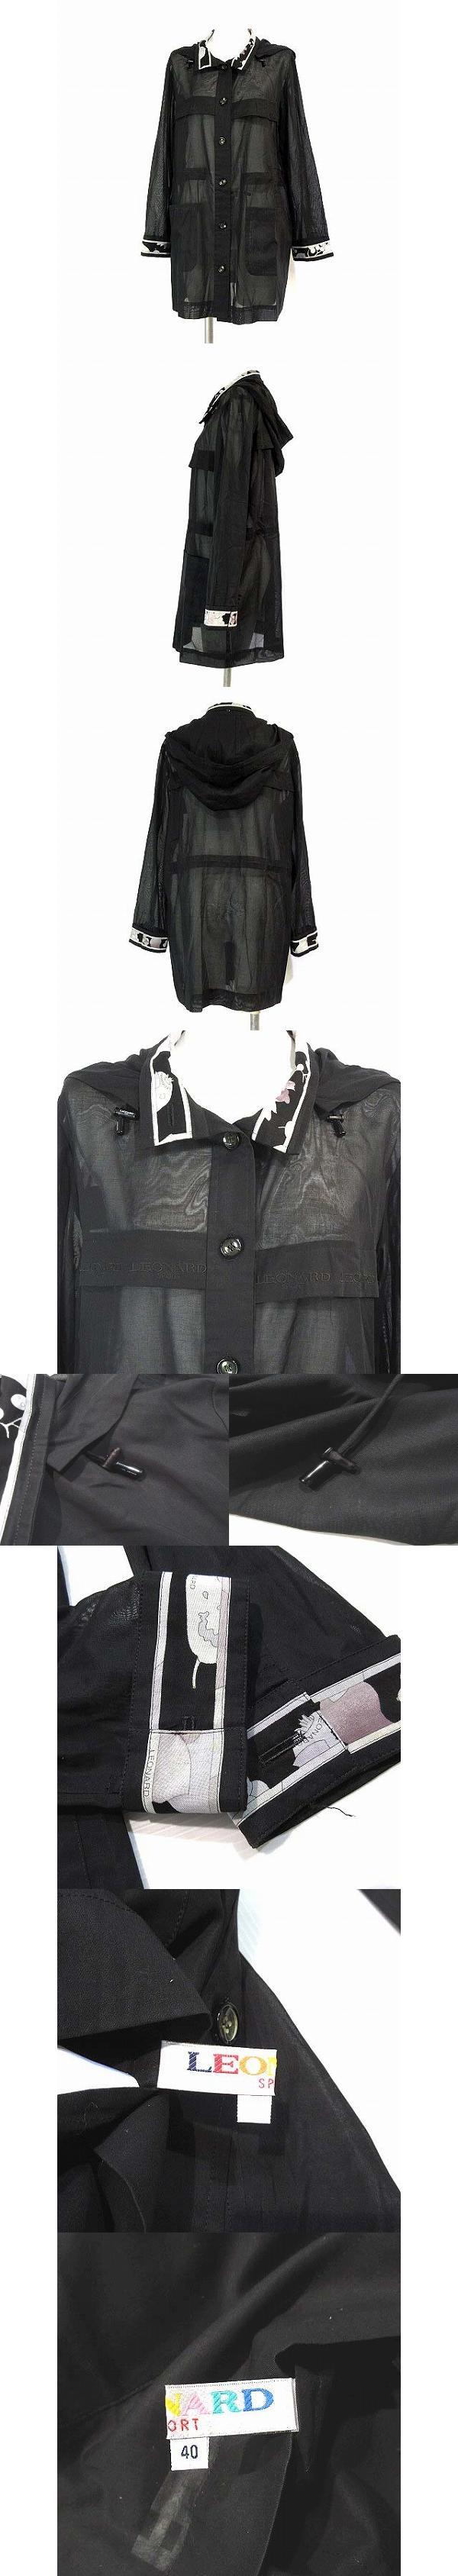 シャツ ジャケット フーデッド コットン 透け感 長袖 黒 40 ※H